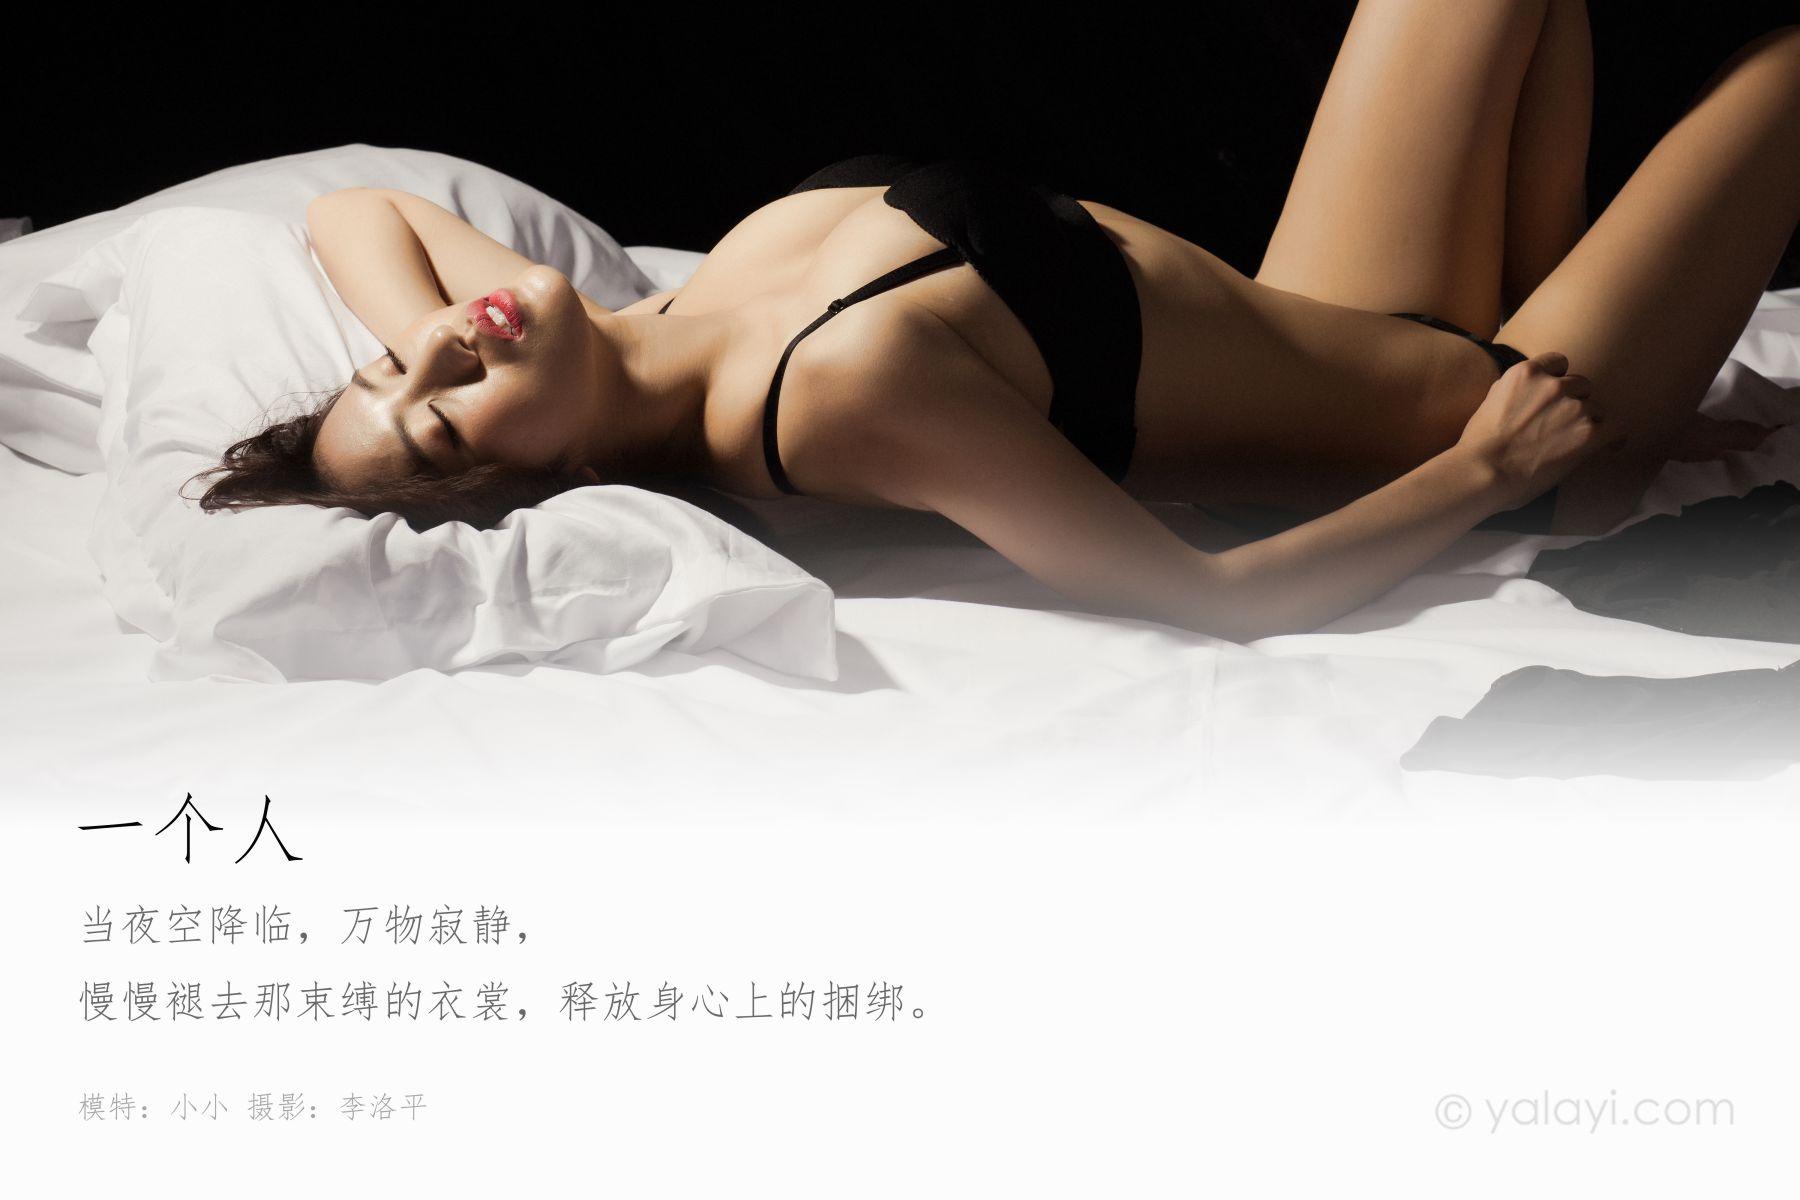 小小, YaLaYi雅拉伊 Vol.540 Xiao Xiao, YaLaYi雅拉伊 Vol.540, Xiao Xiao